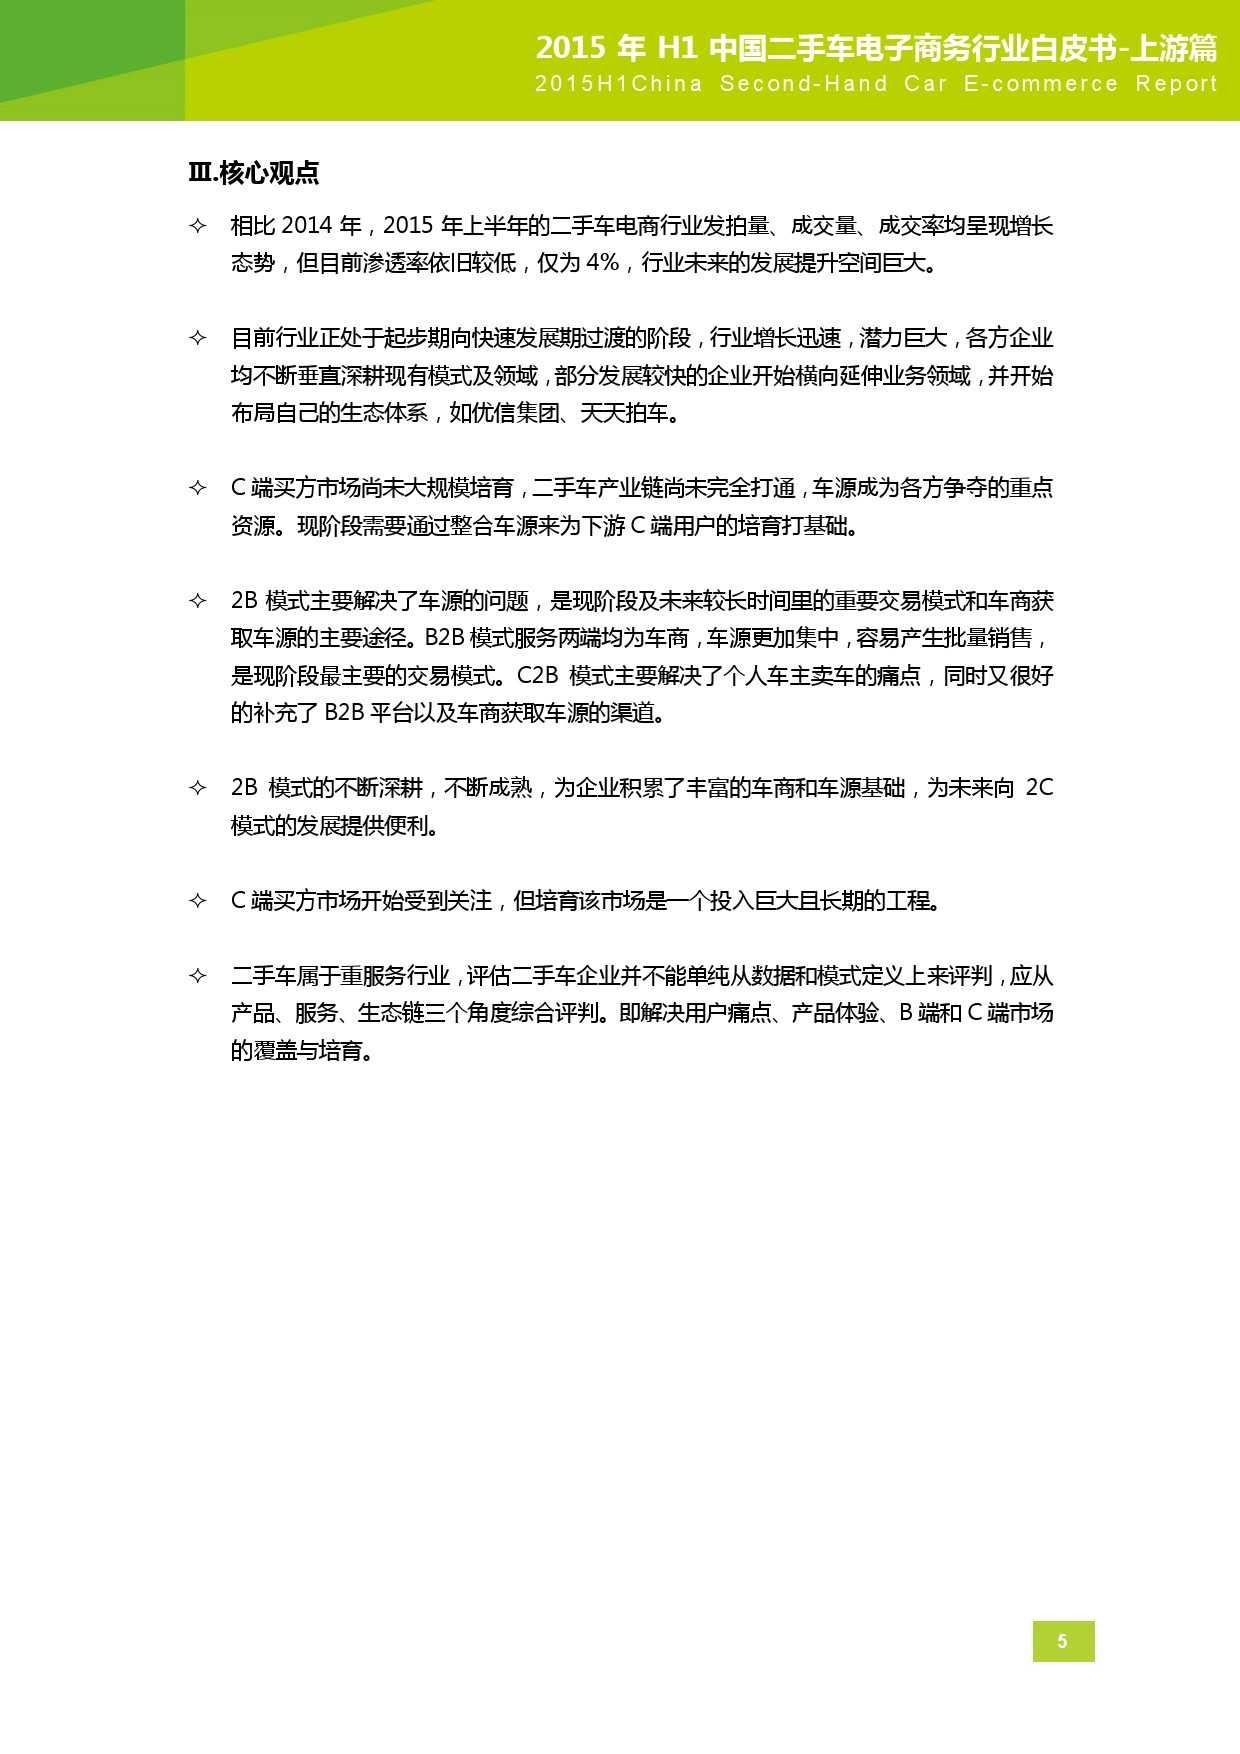 2015年中国二手车电子商务行业白皮书-上游篇_000006